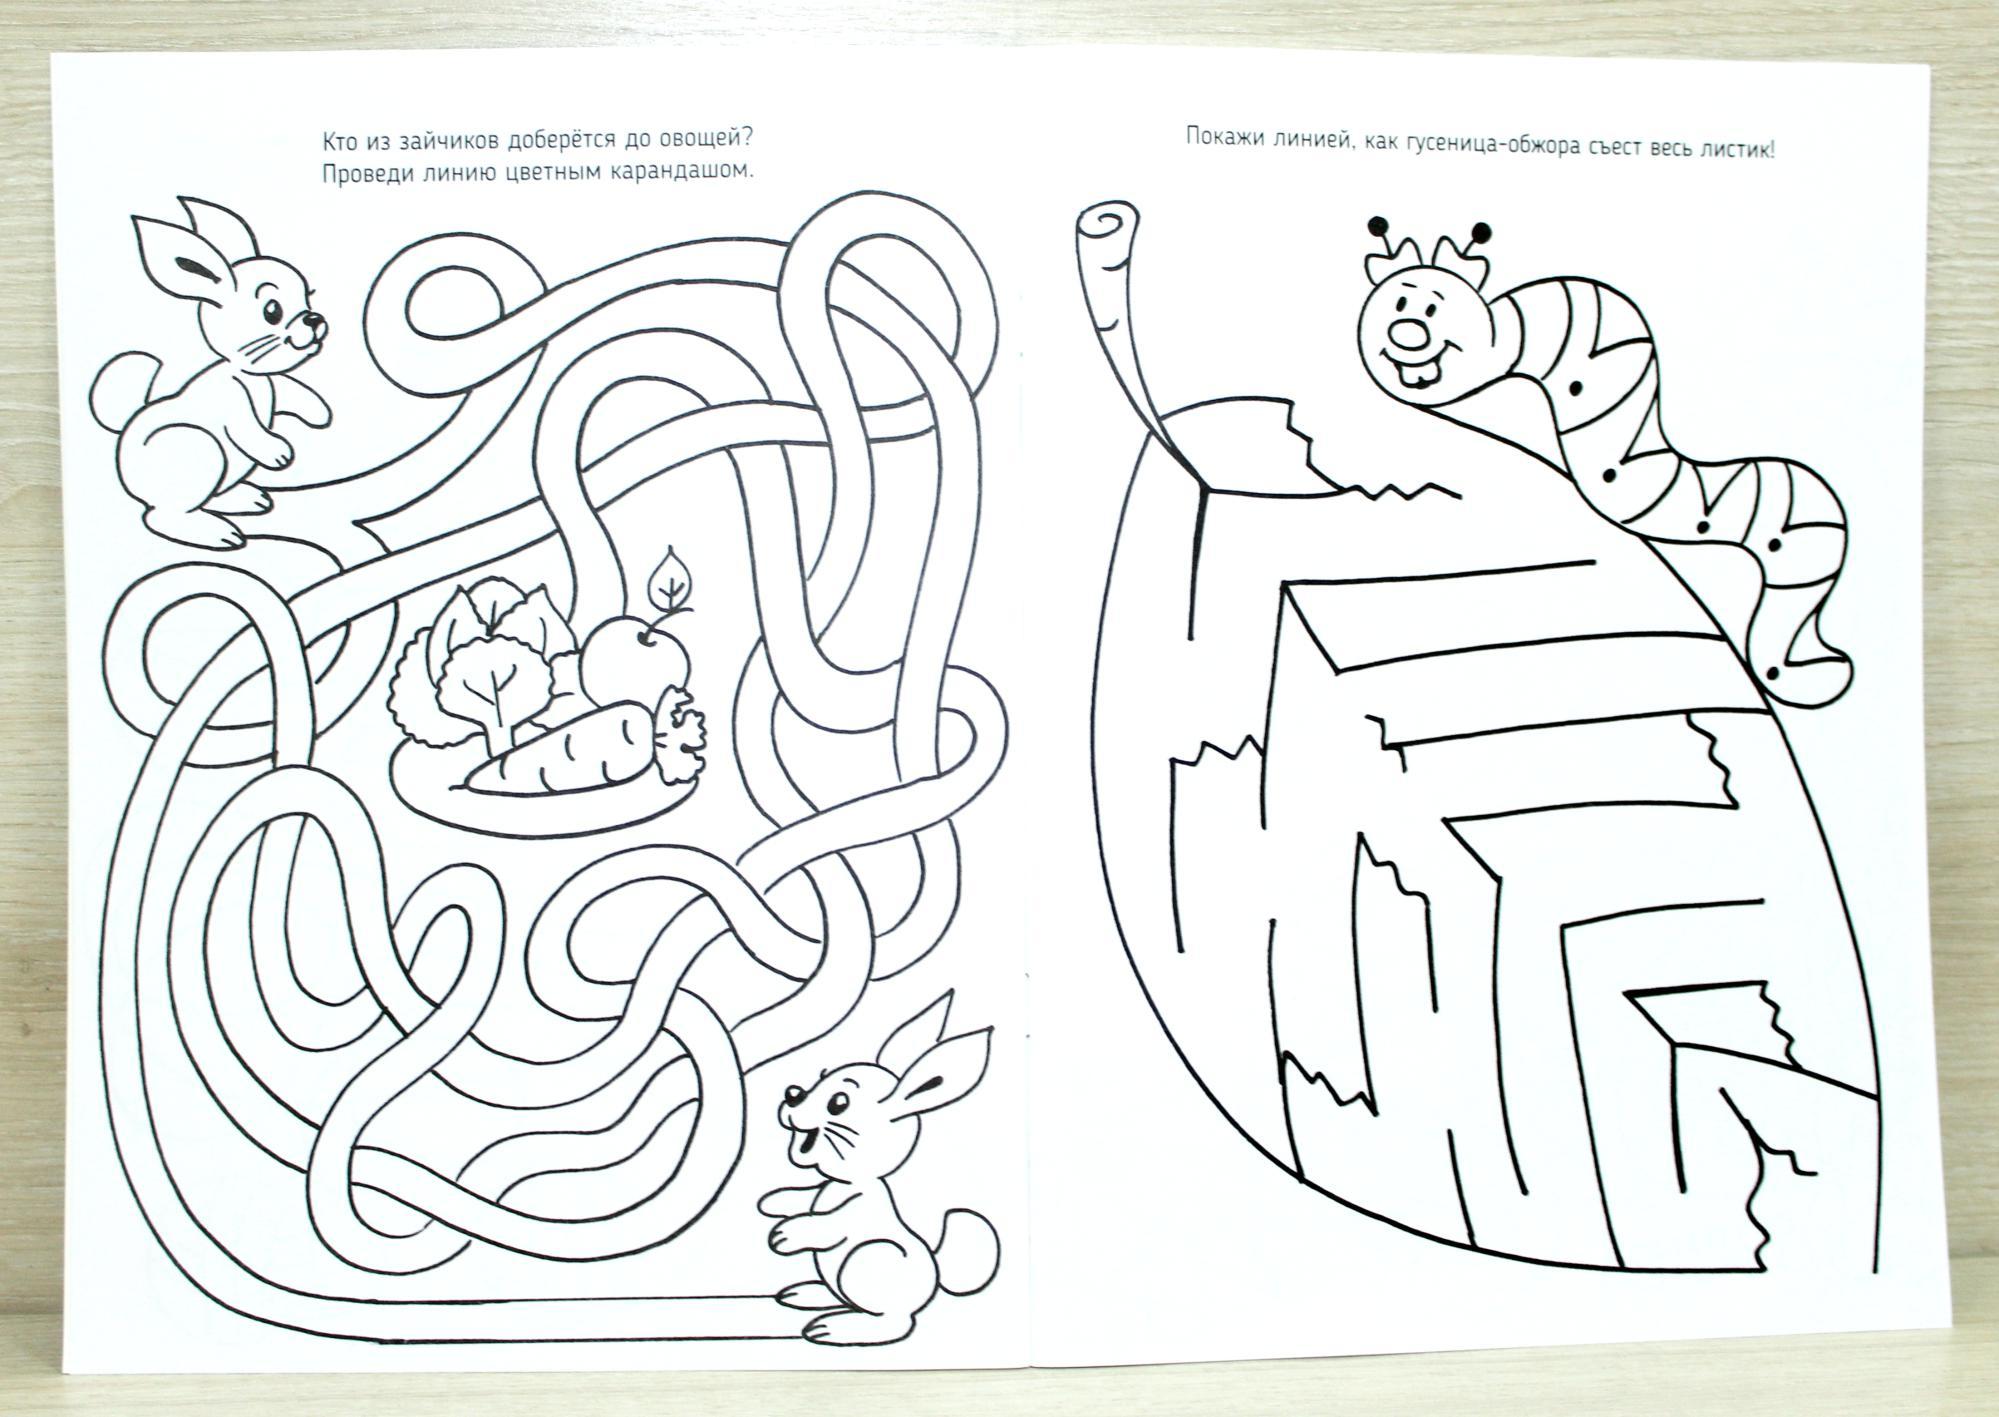 Картинка с заданиями для детей